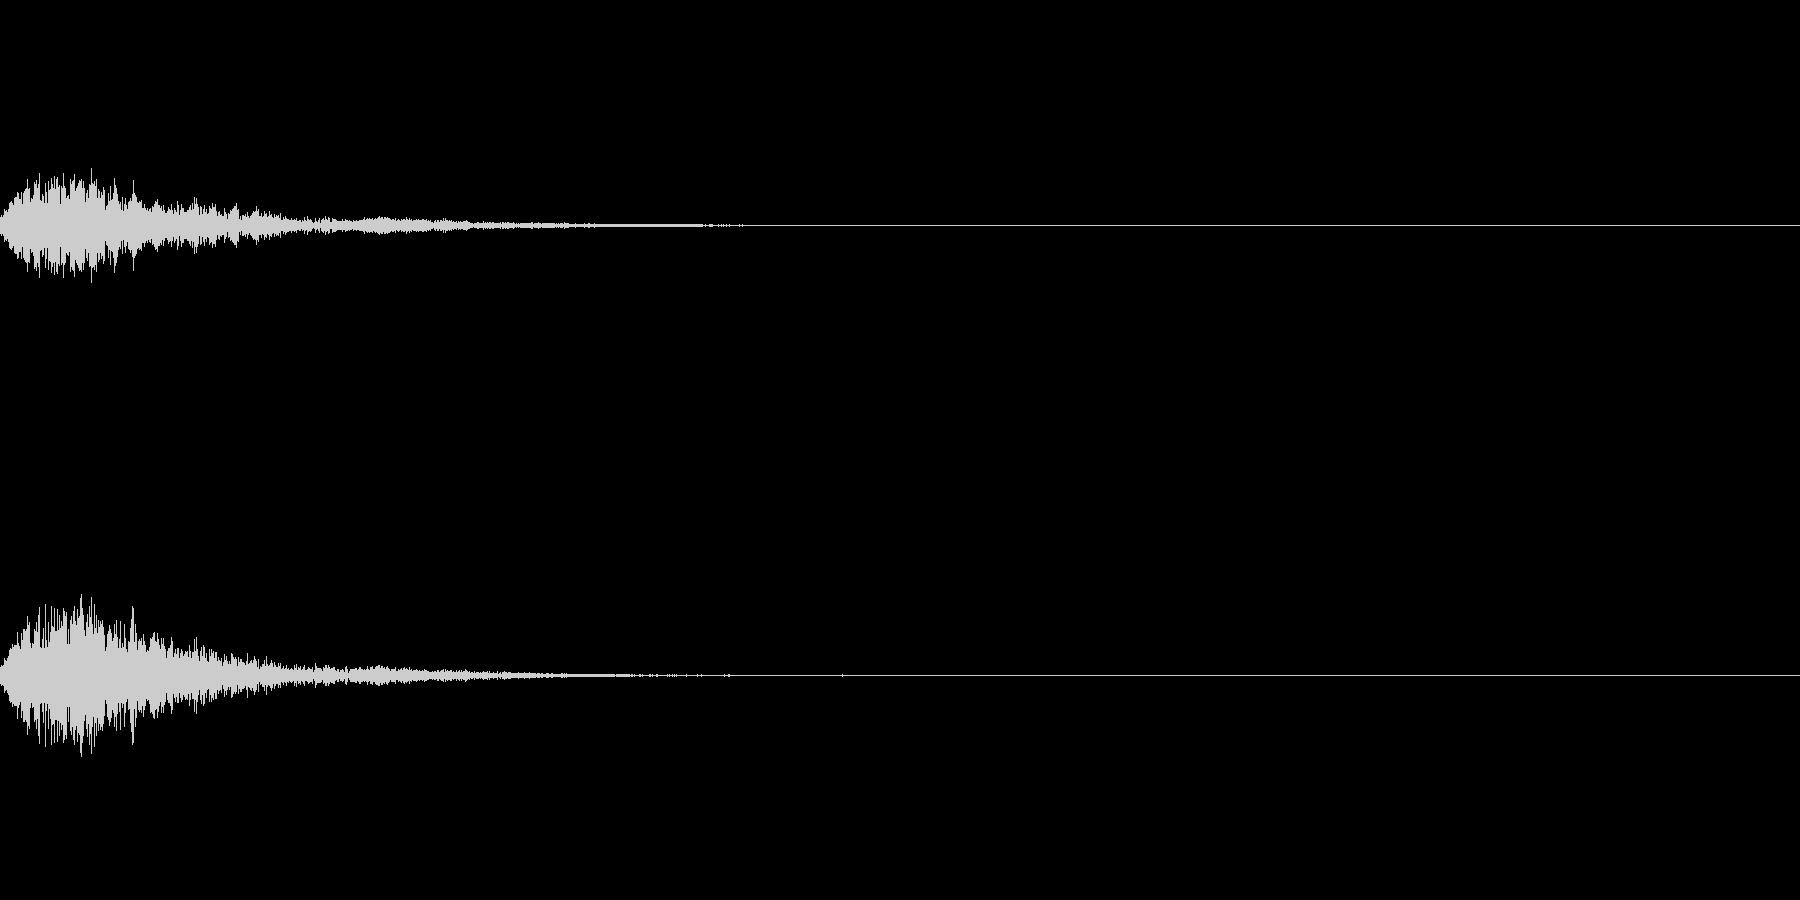 ガラスがキラキラ弾けるボタン音(ポップ)の未再生の波形